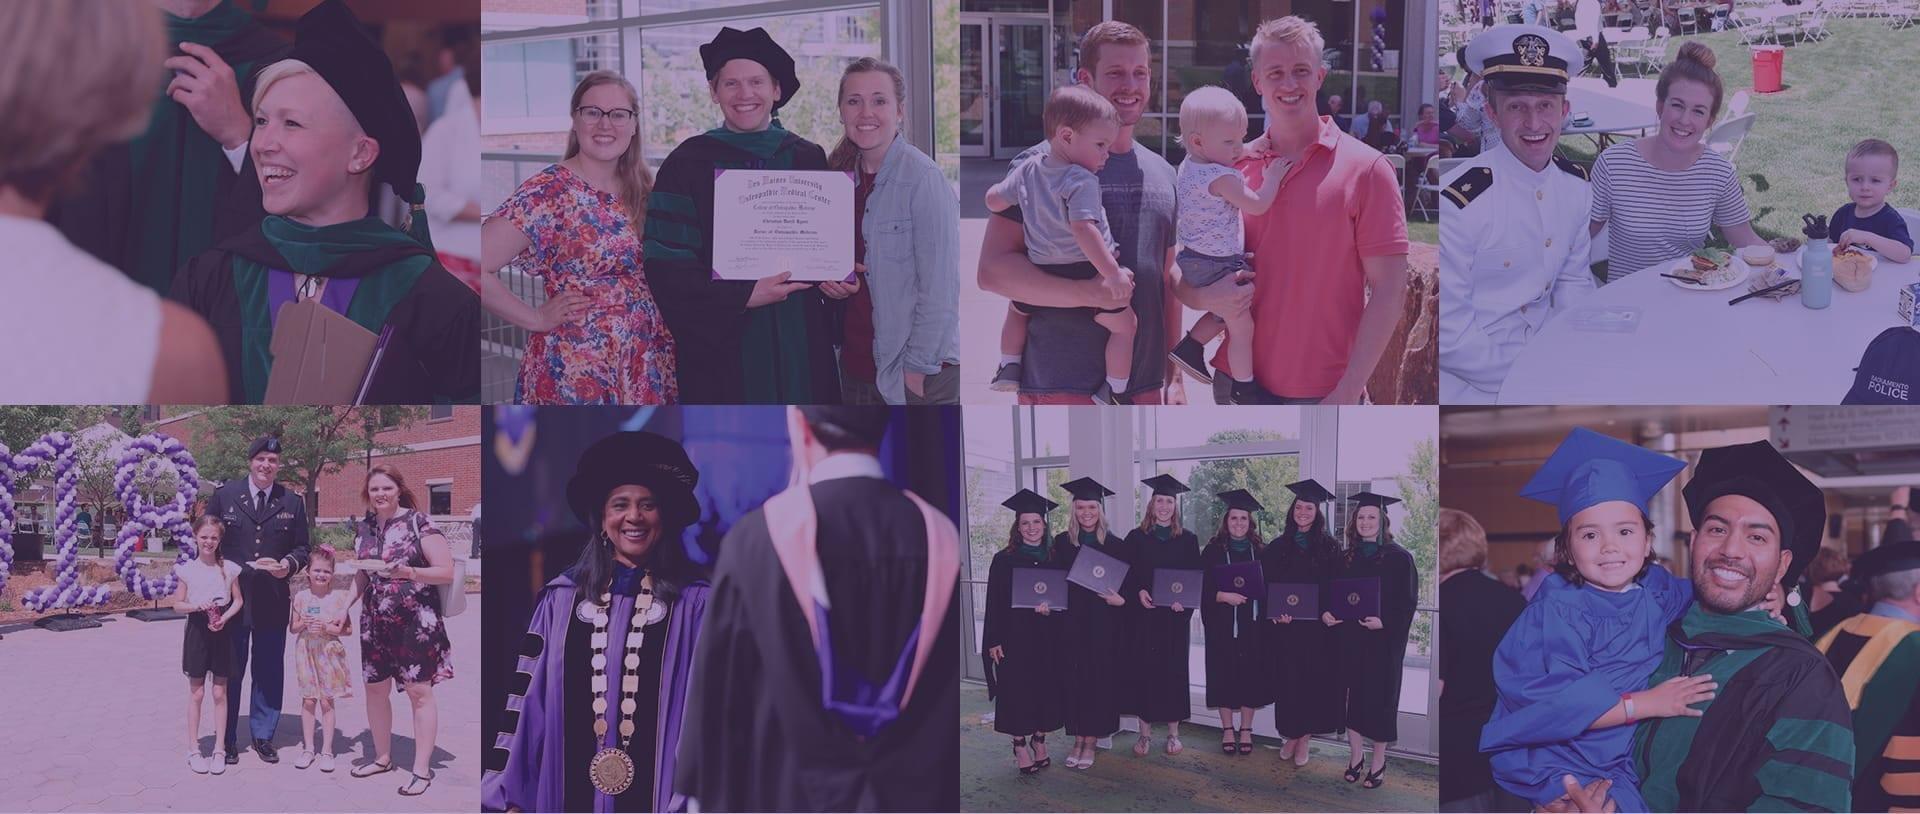 Des Moines University Commencement 2019